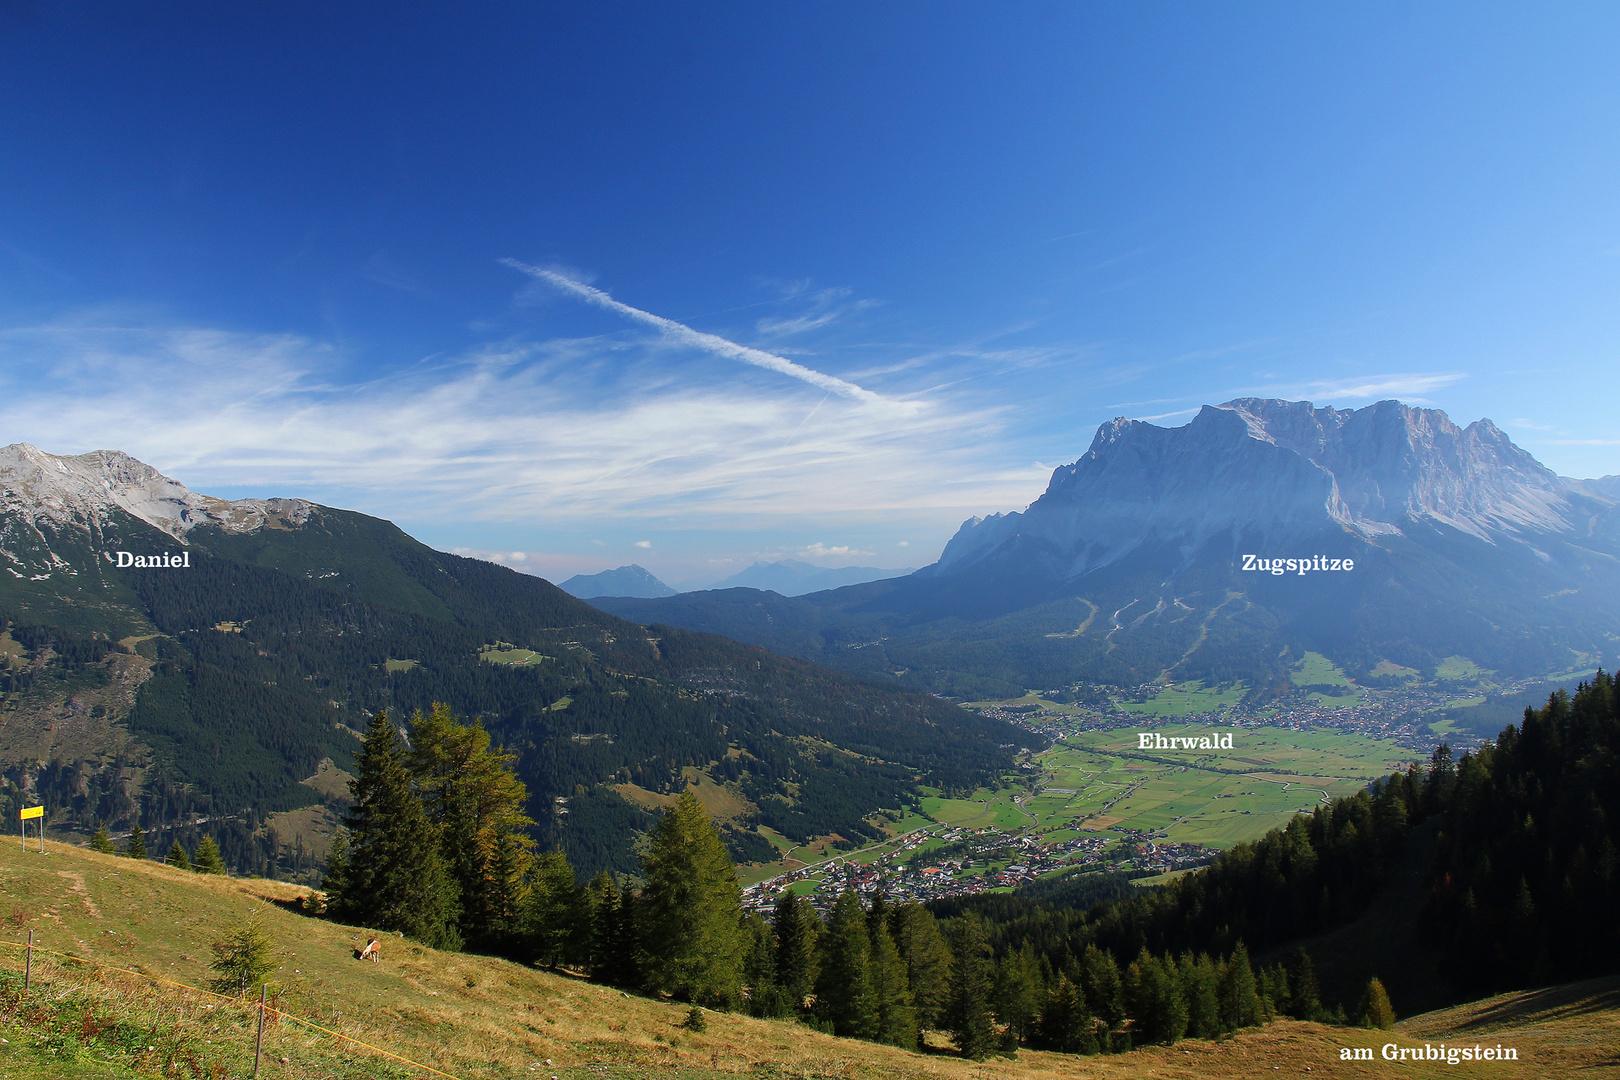 Diashow: Grubigstein-Lermoos, Österreich